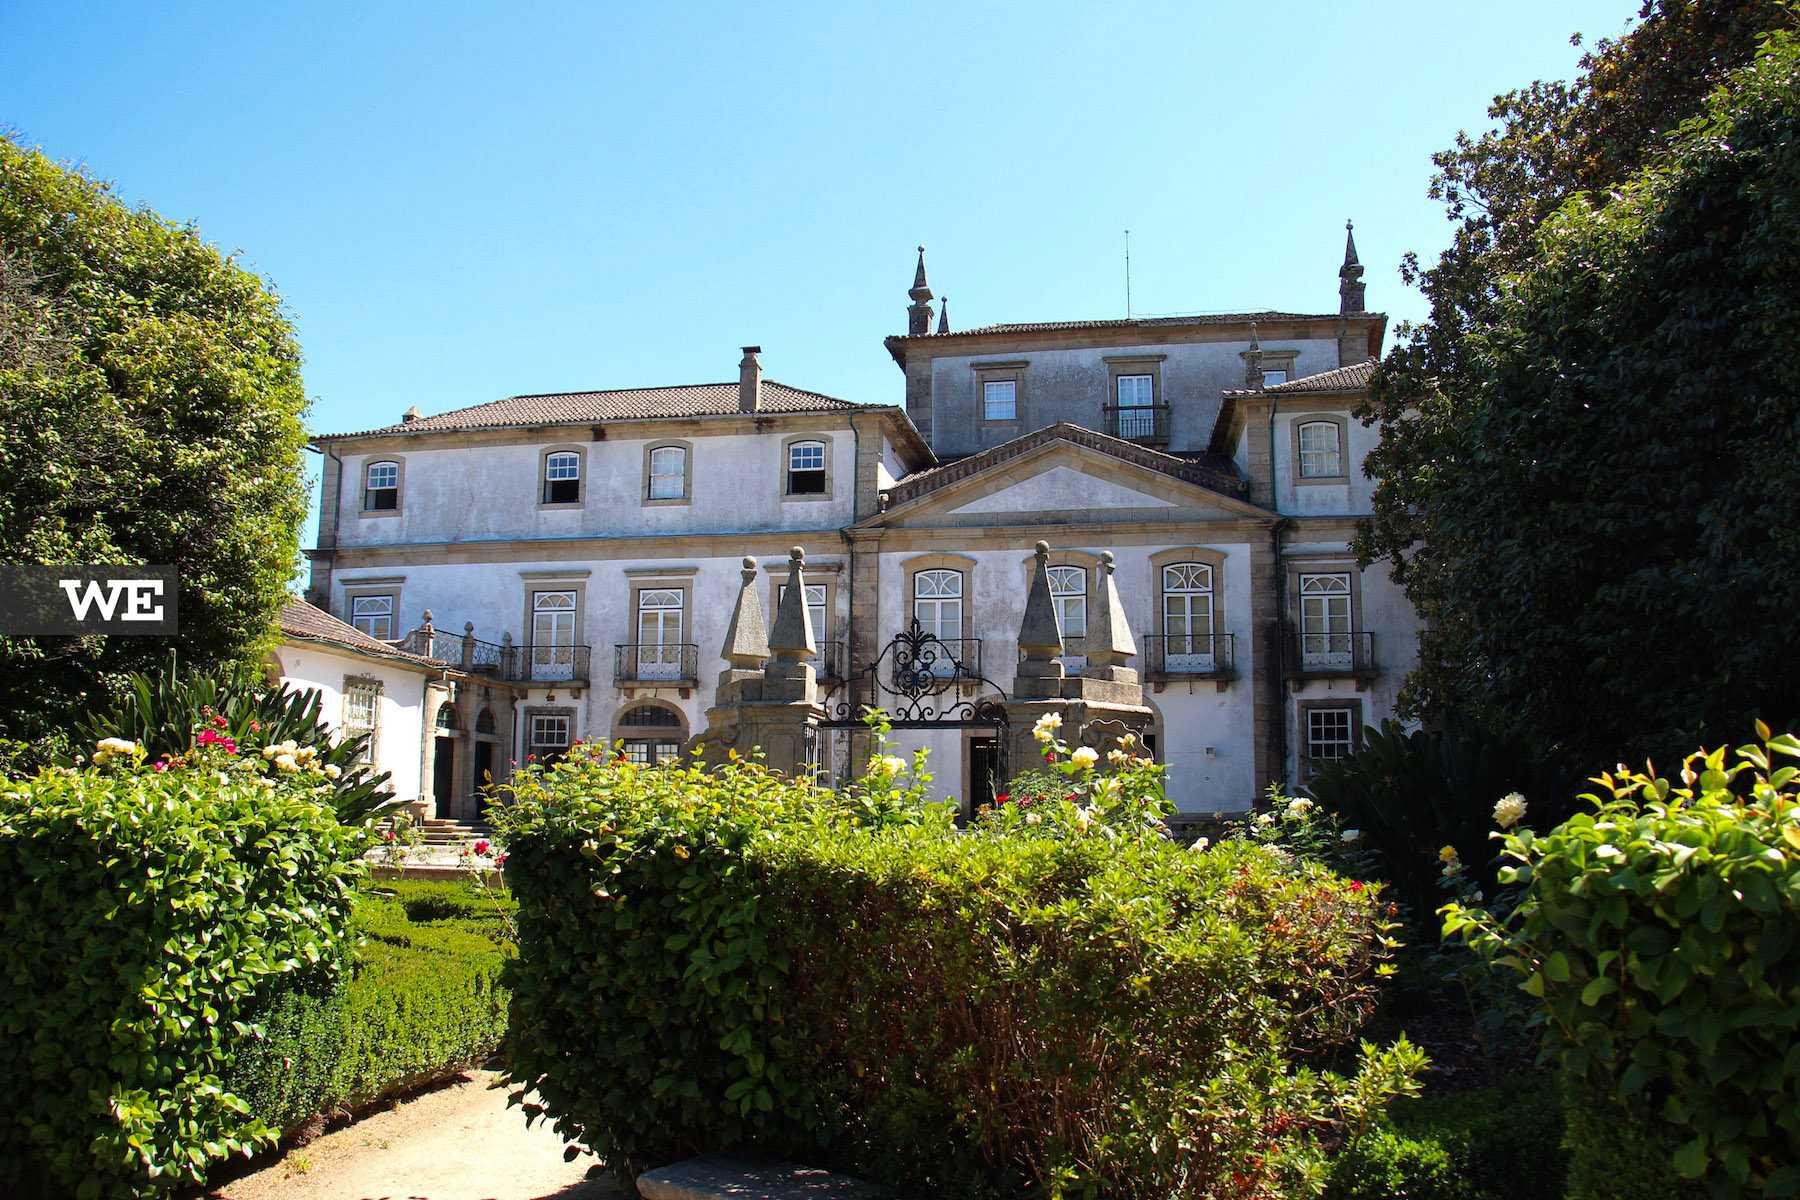 Museus dos Biscainhos de estilo barroco